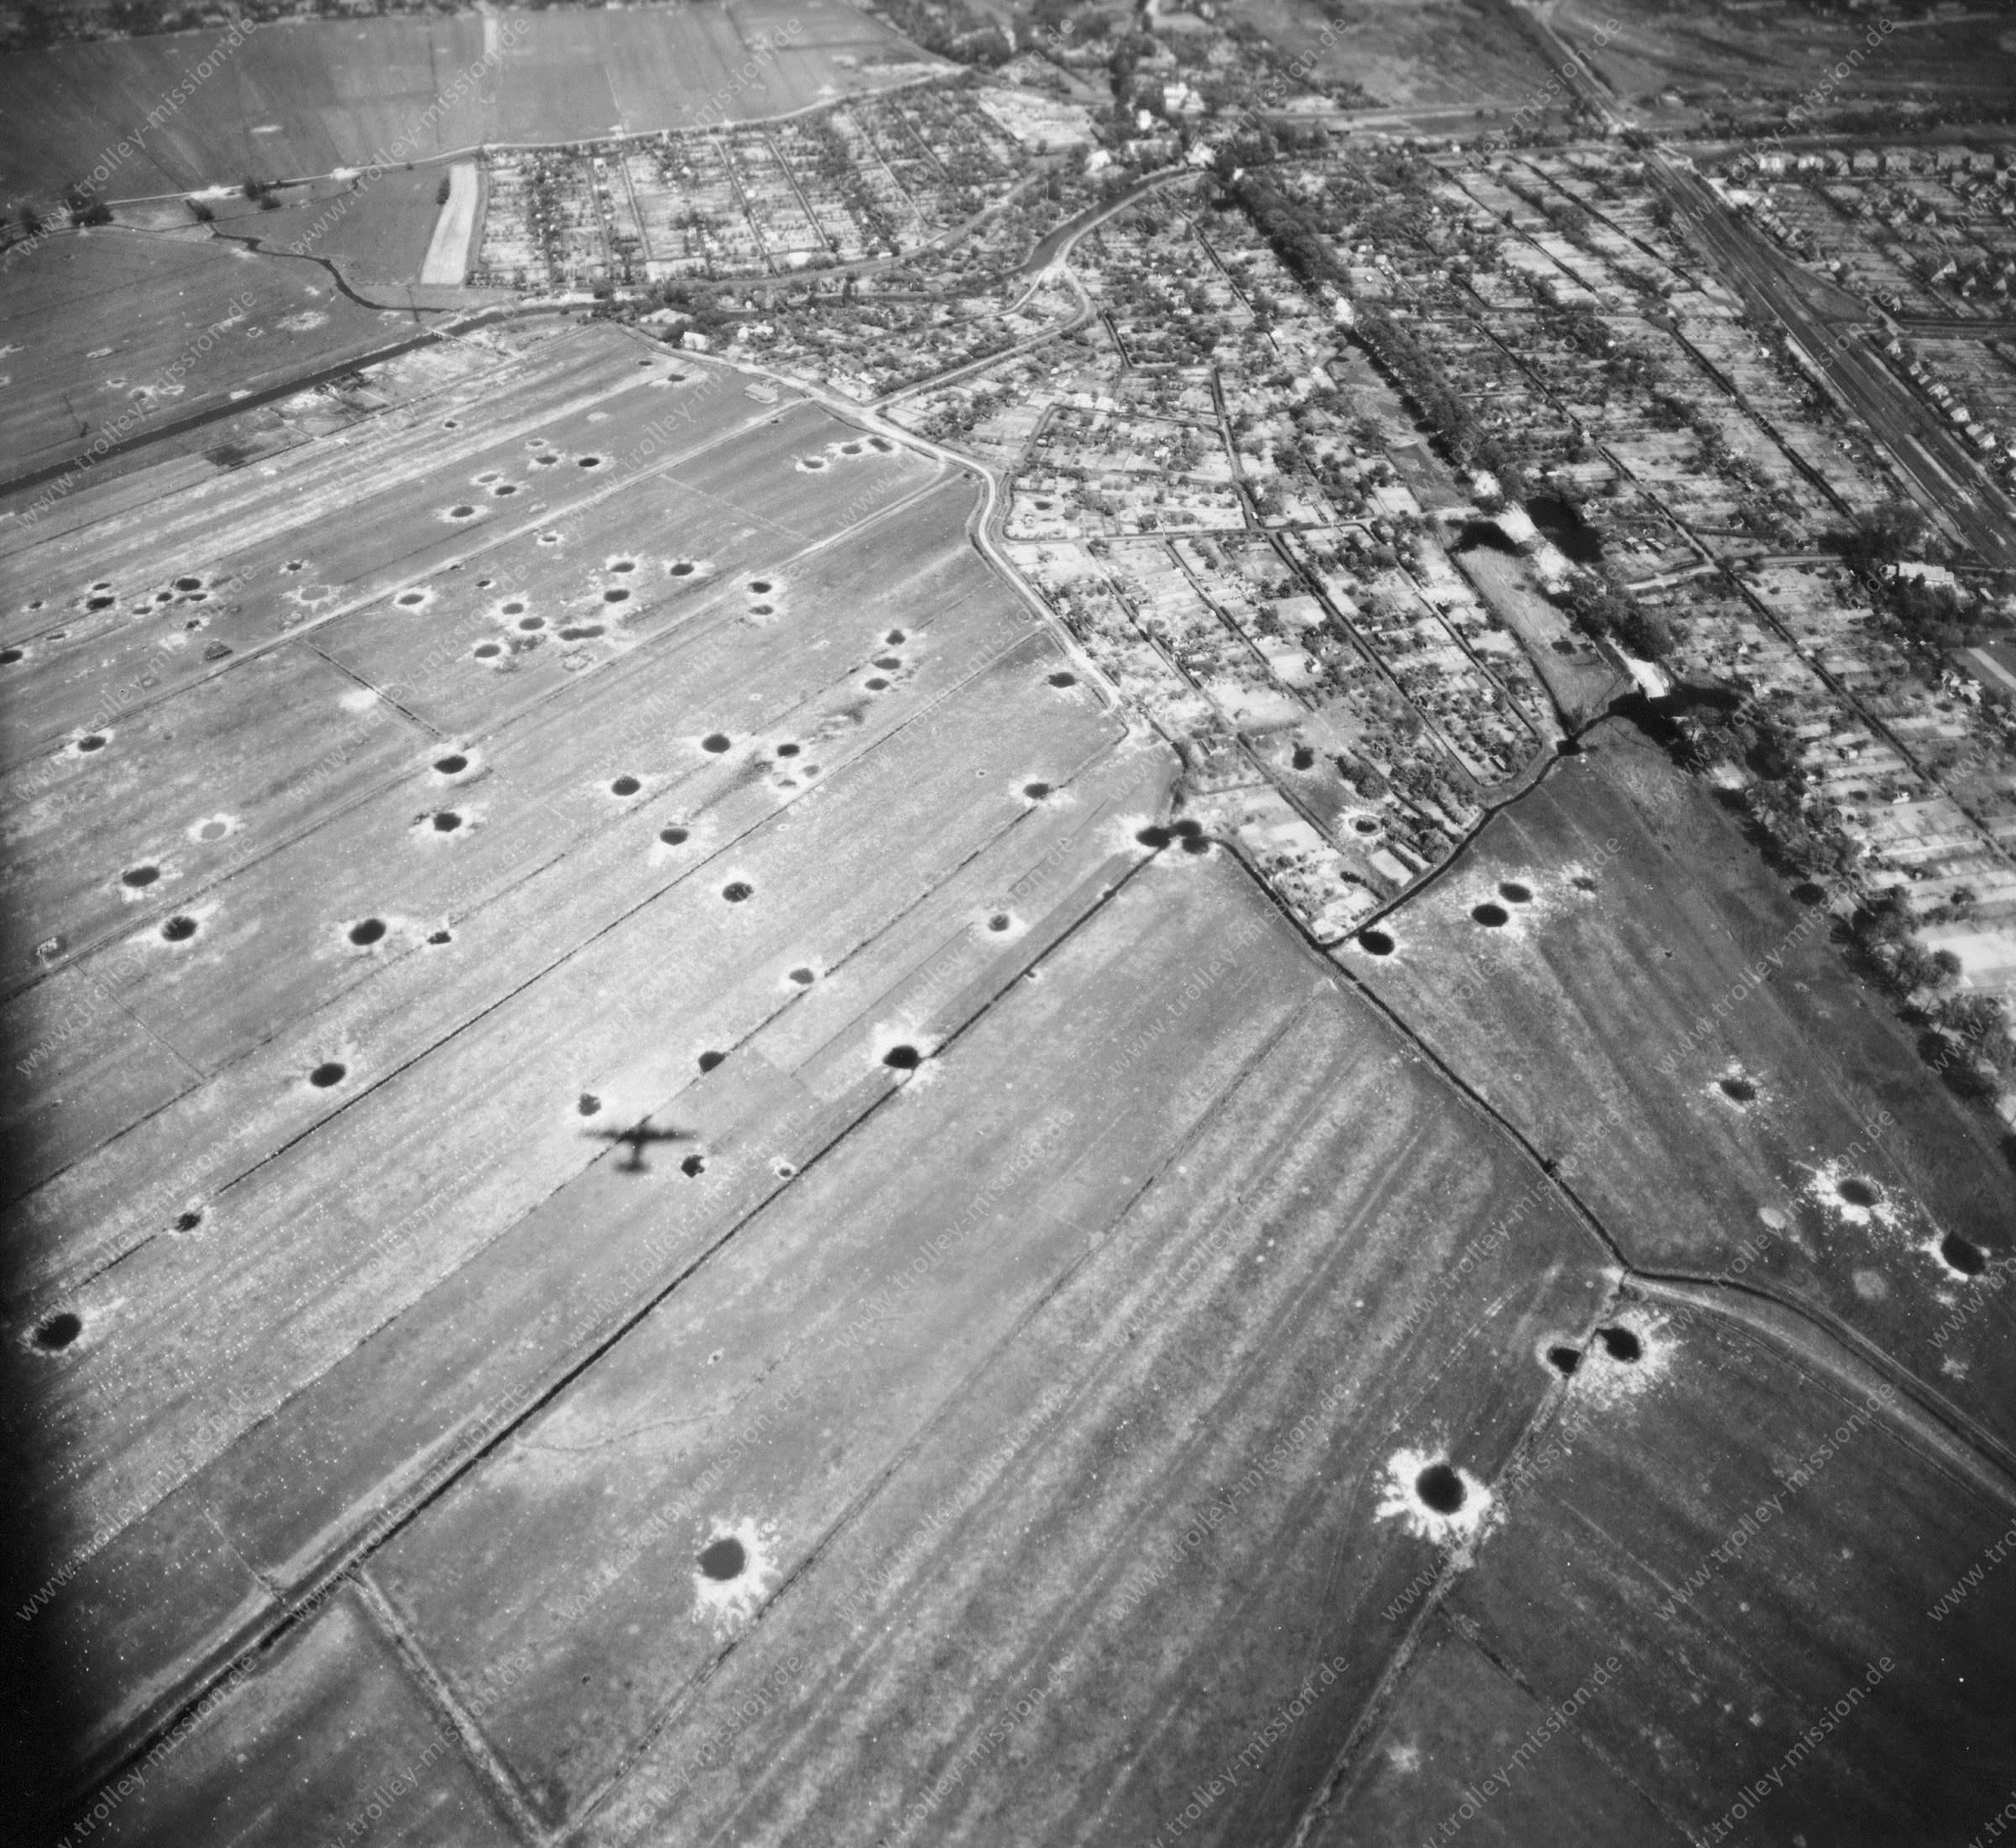 Luftbild von Bremen am 12. Mai 1945 - Luftbildserie 2/12 der US Air Force